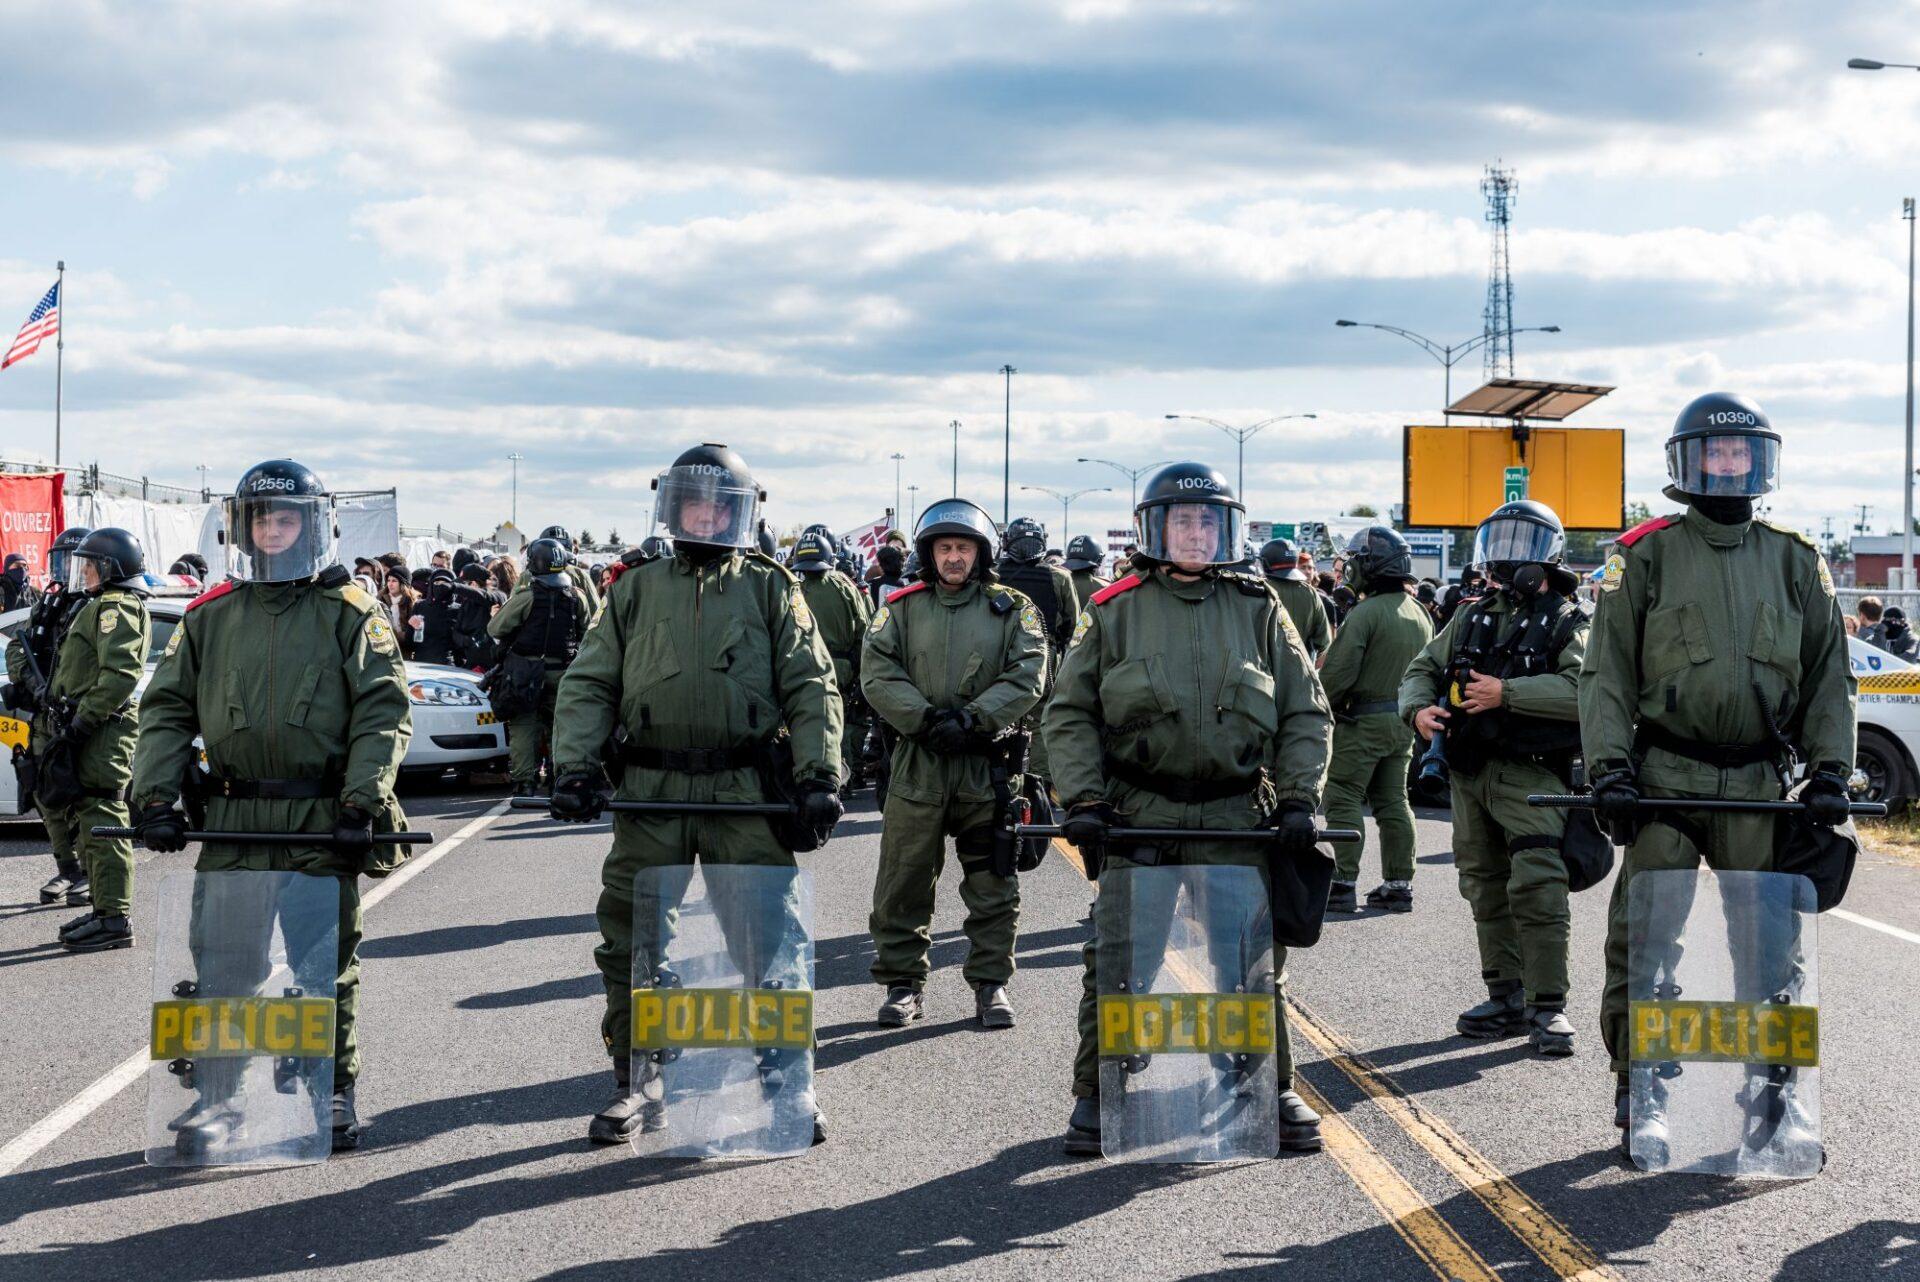 La Sûreté du Québec relâche la tension après le départ des manifestants de Storm Alliance   Photo: Martin Ouellet-Diotte  Montréal Campus